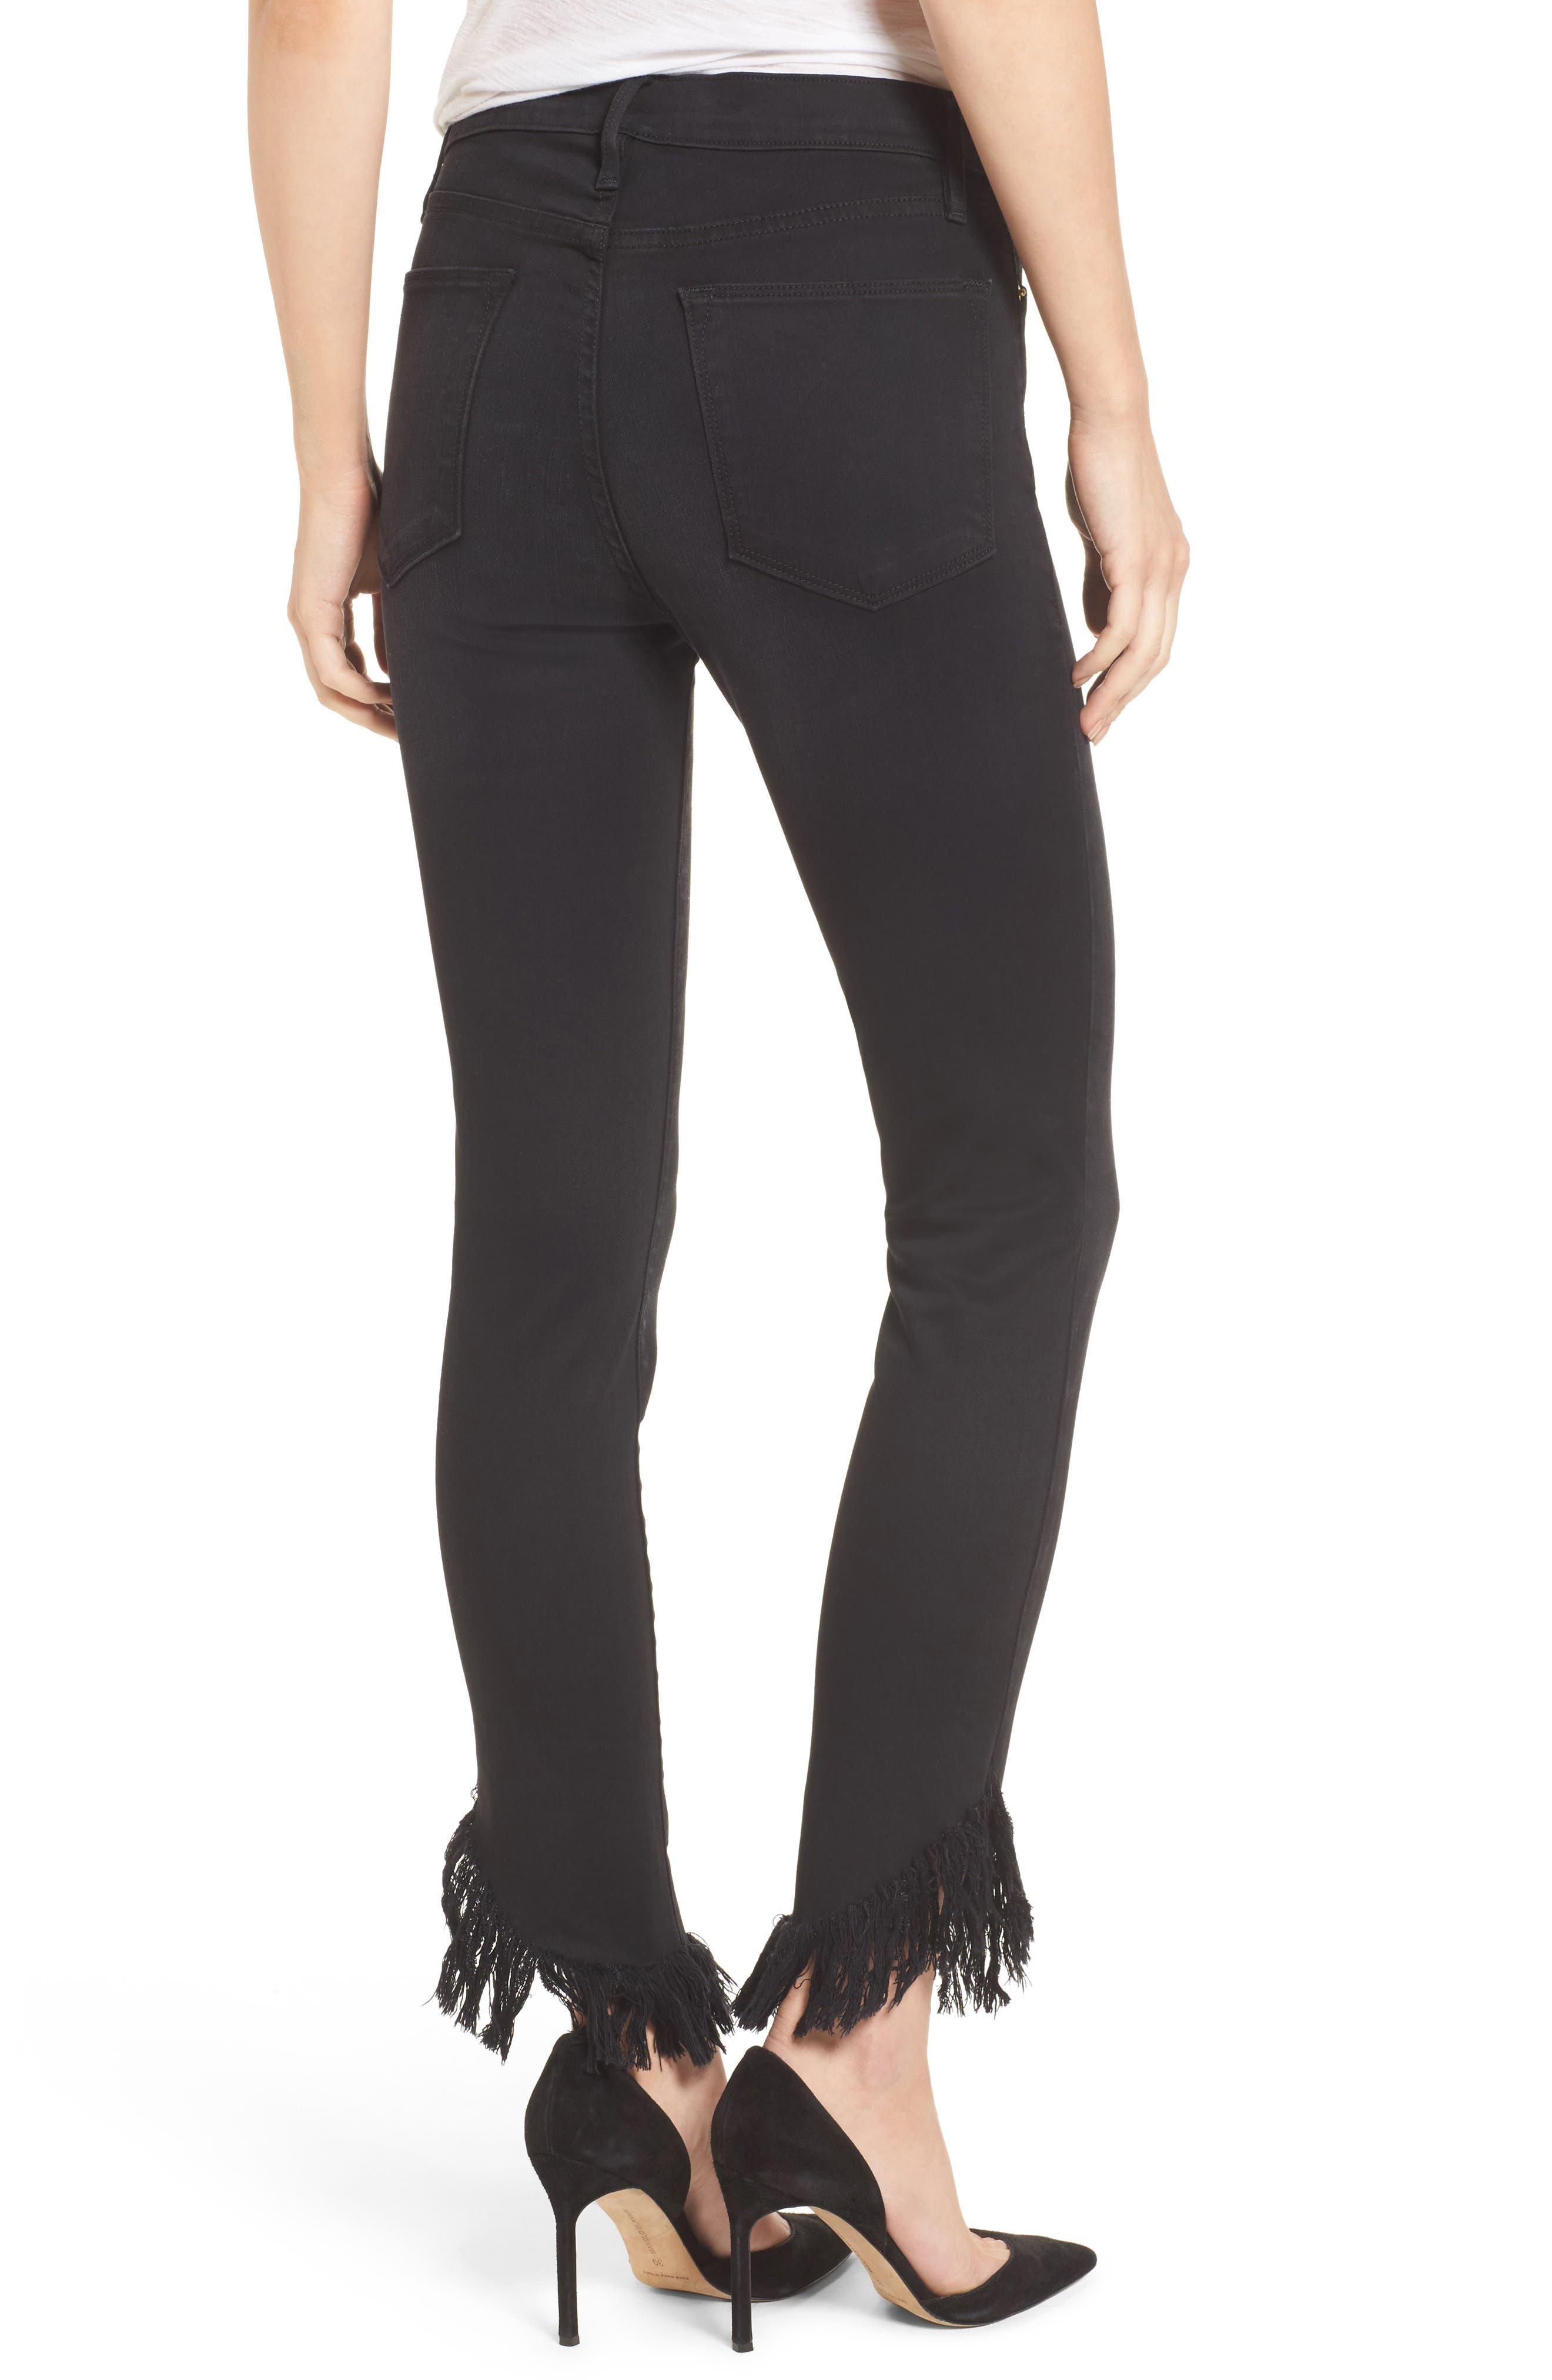 Alternate Image 3  - FRAME Le High Shredded Skinny Jeans (Noir) (Nordstrom Exclusive)